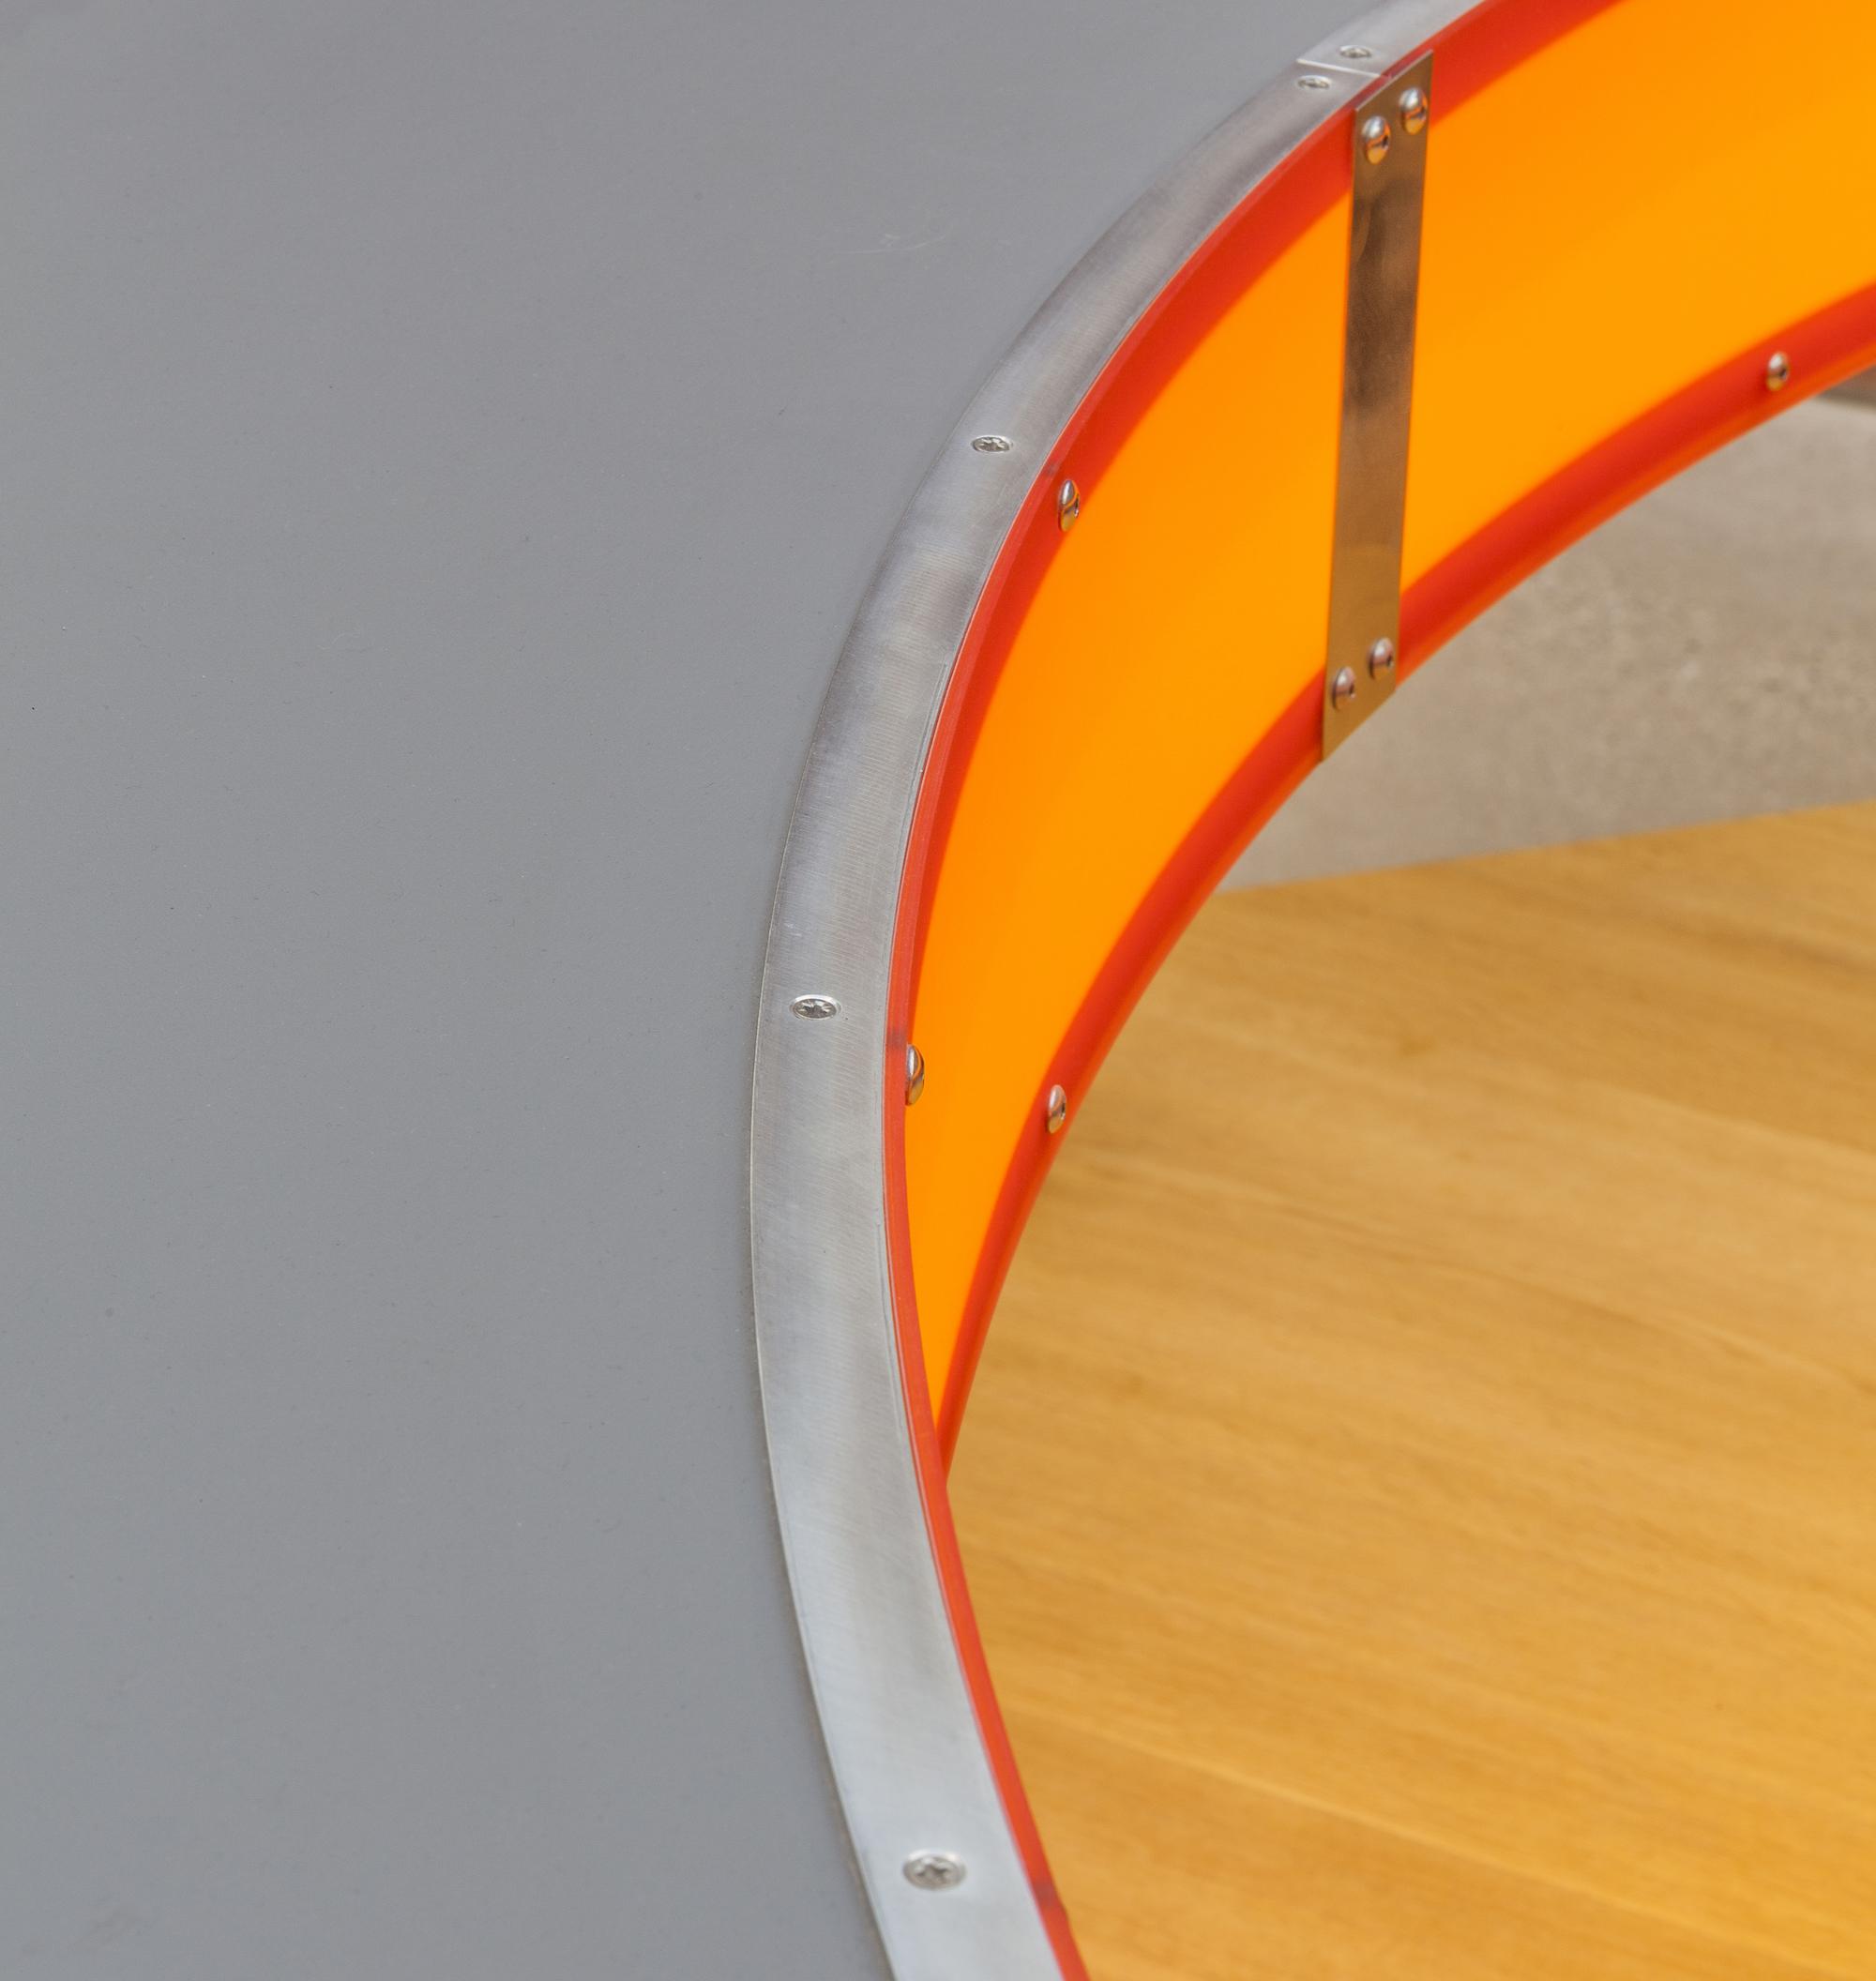 eleanor-bell-designer-maker-bespoke-lighting-ring-light-details.jpg